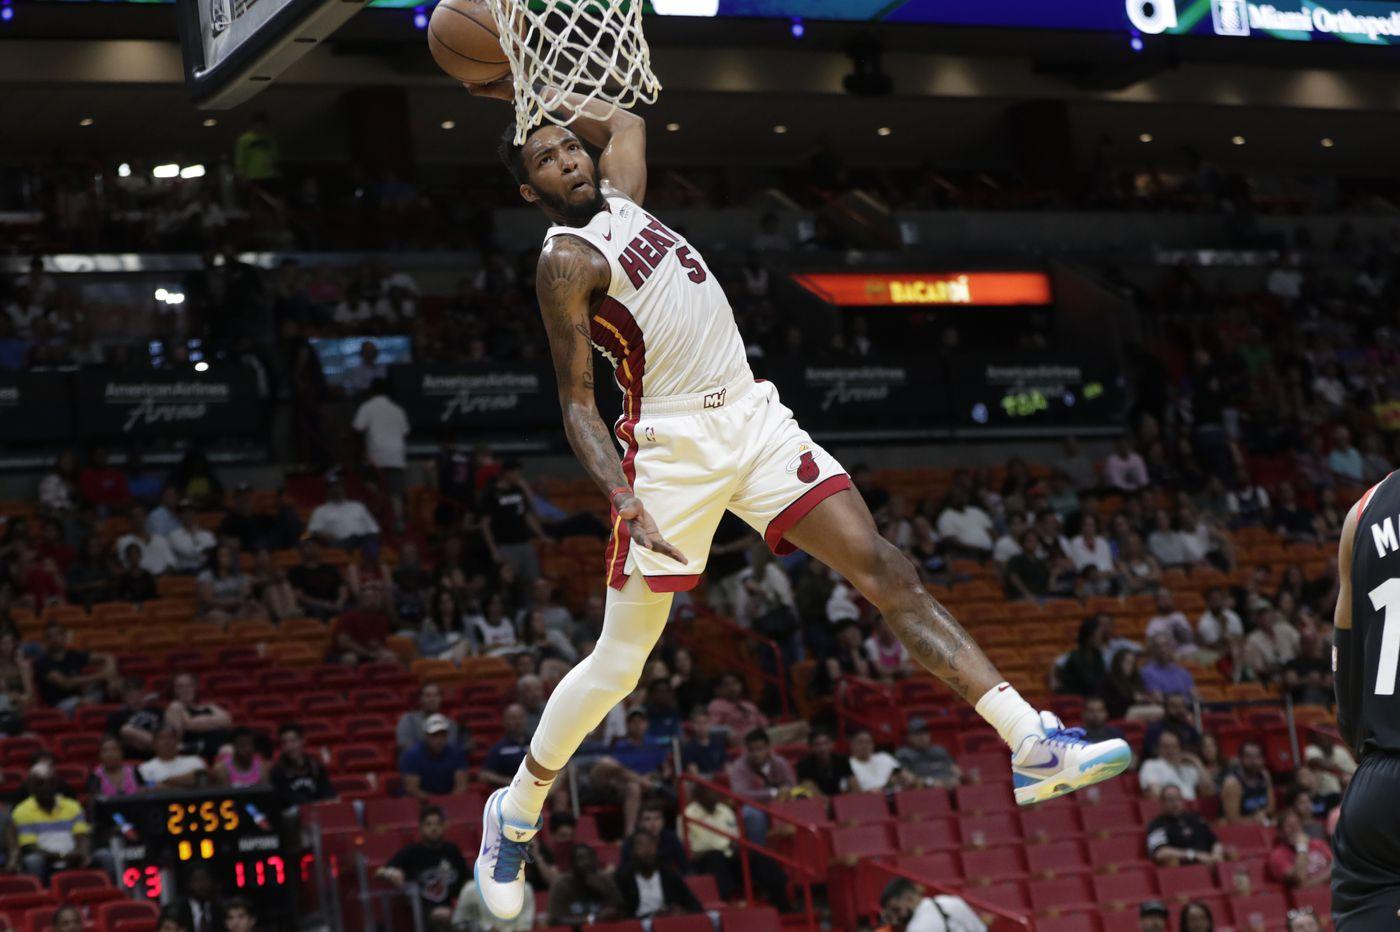 Watch: Former Philly hoops star Derrick Jones Jr. slams in incredible alley-oop dunk